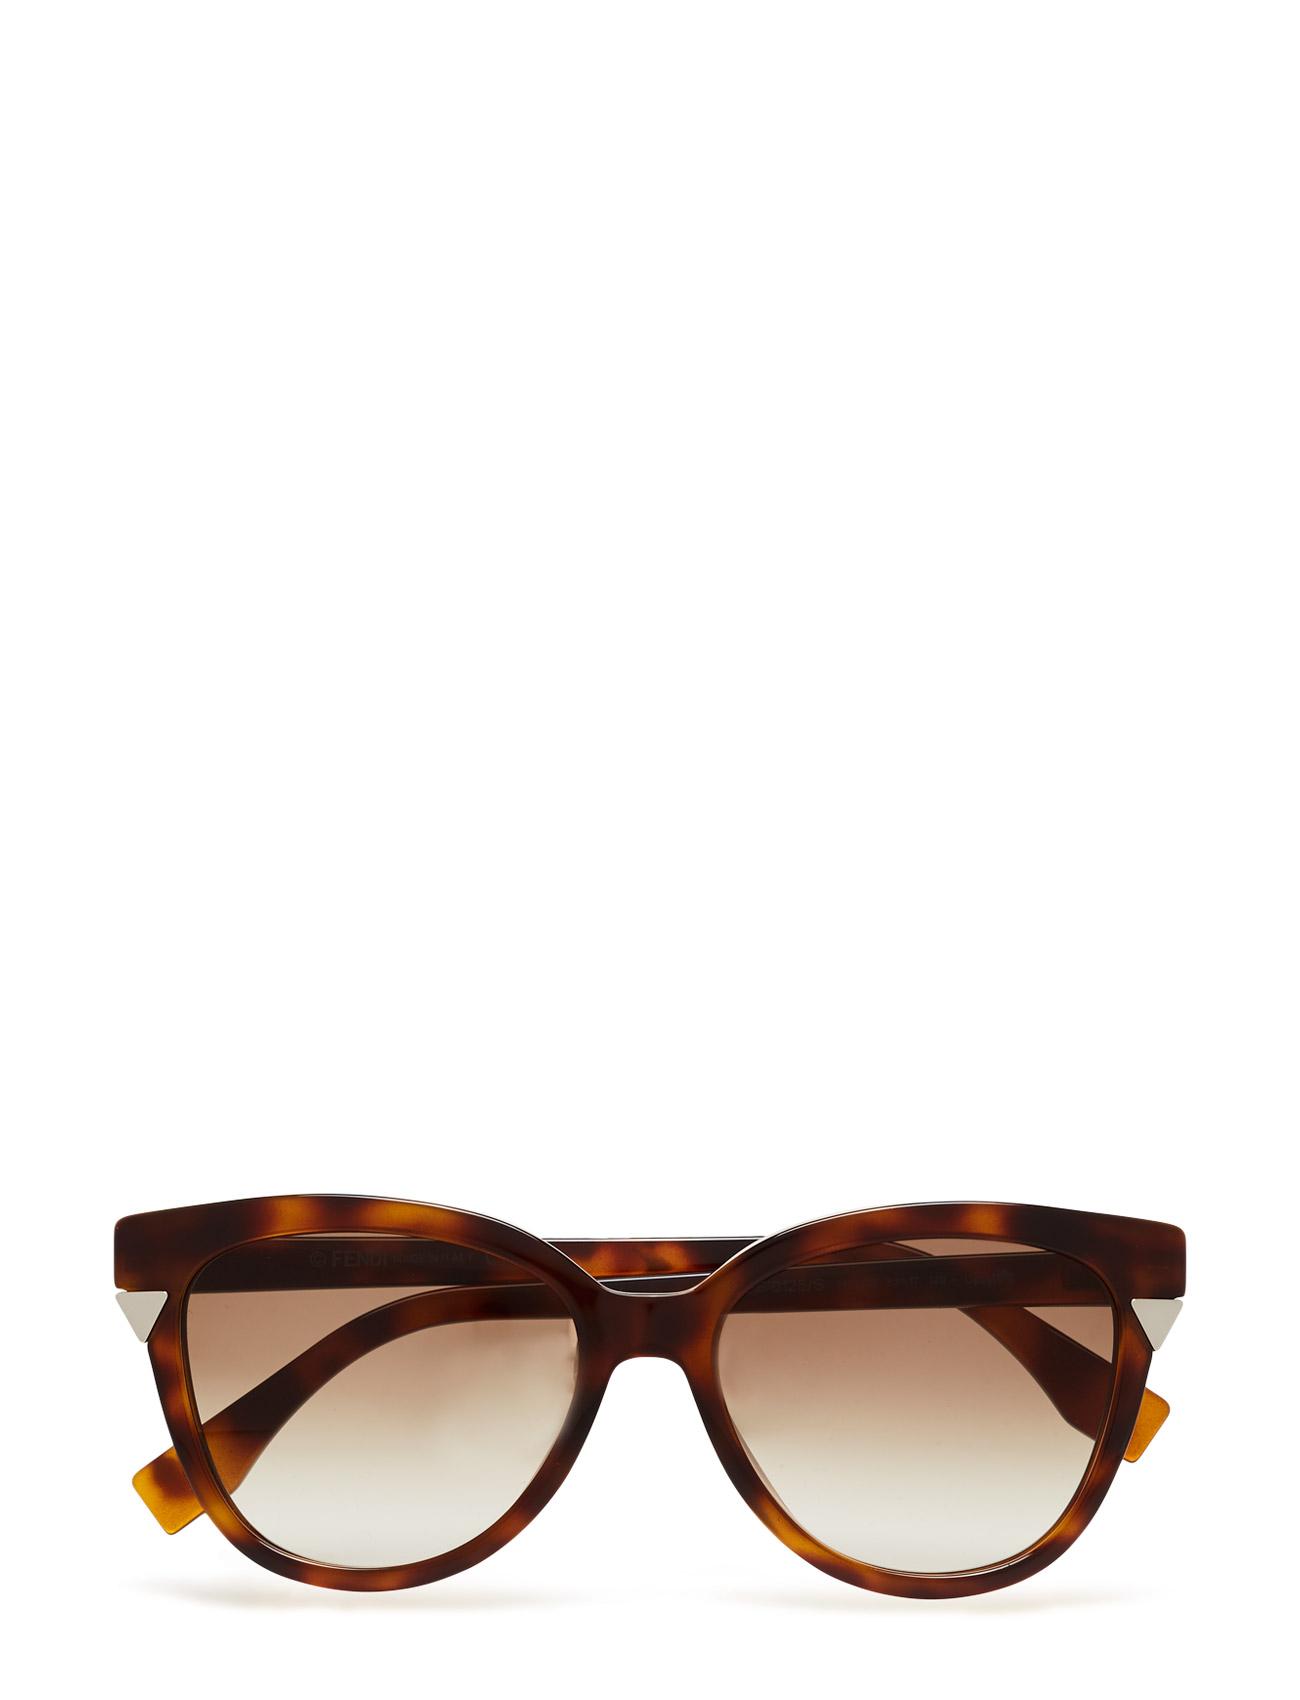 223634 Fendi Sunglasses Solbriller til Damer i